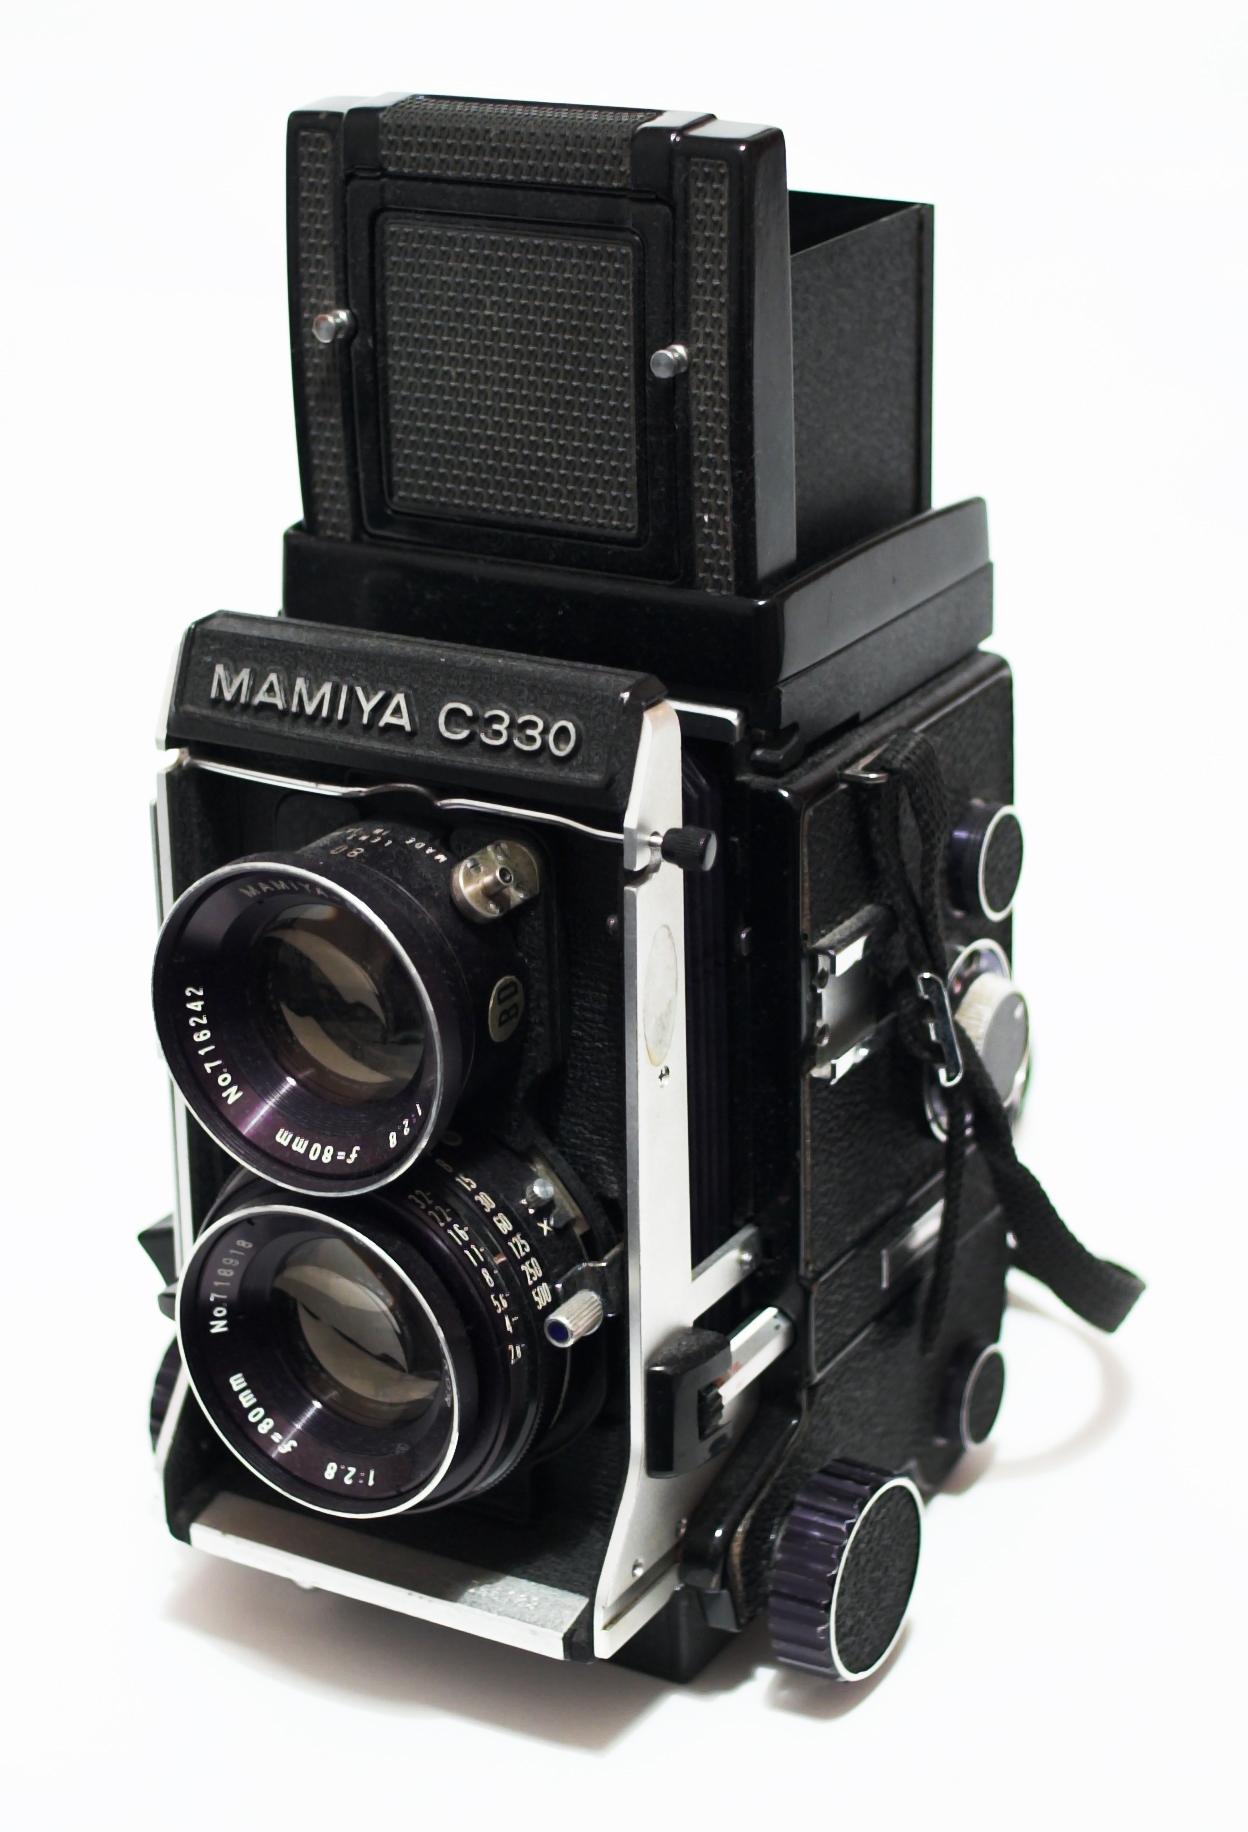 The Mamiya C330 (Pic: Tomasz Zdankowski/Flickr)